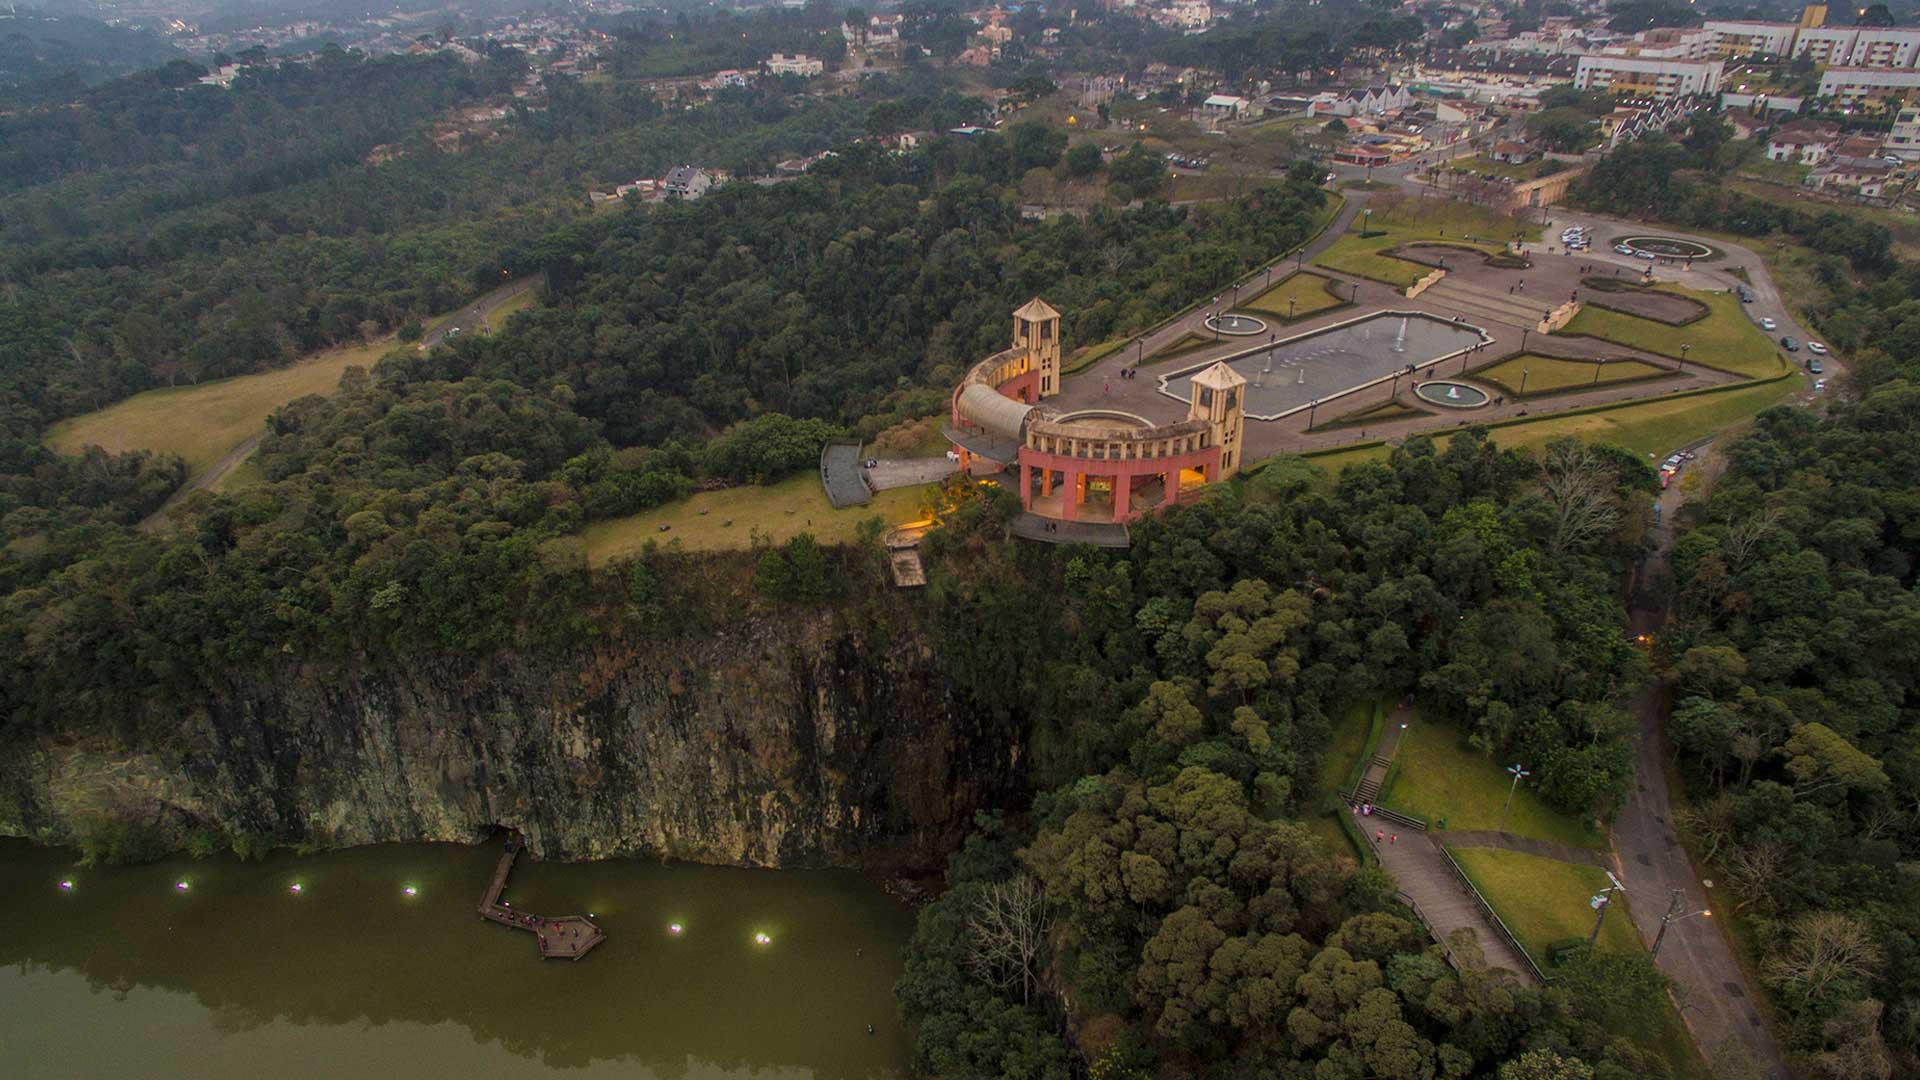 Fotografia Aérea Parque Tangua em Curitiba